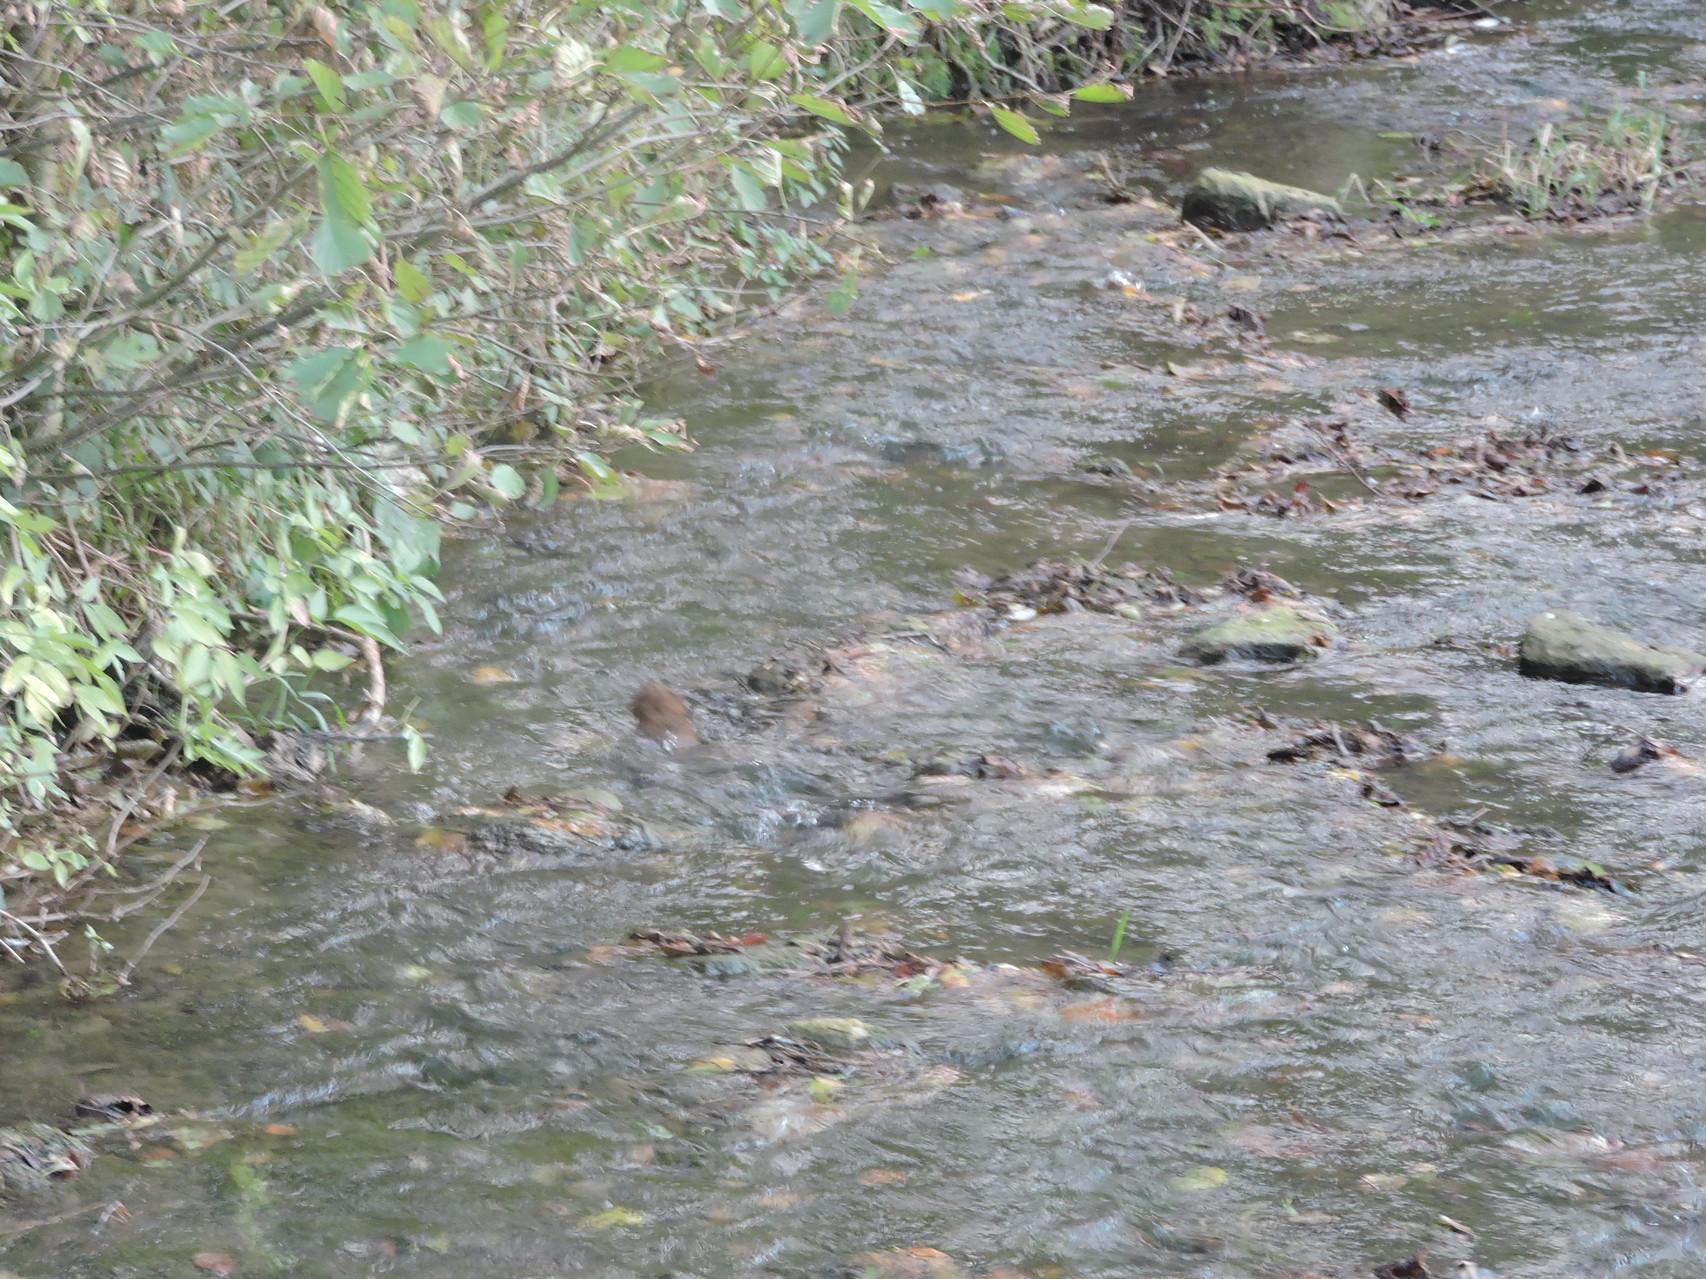 La Guigne .... avec sur la gauche un ragondin dans l'eau